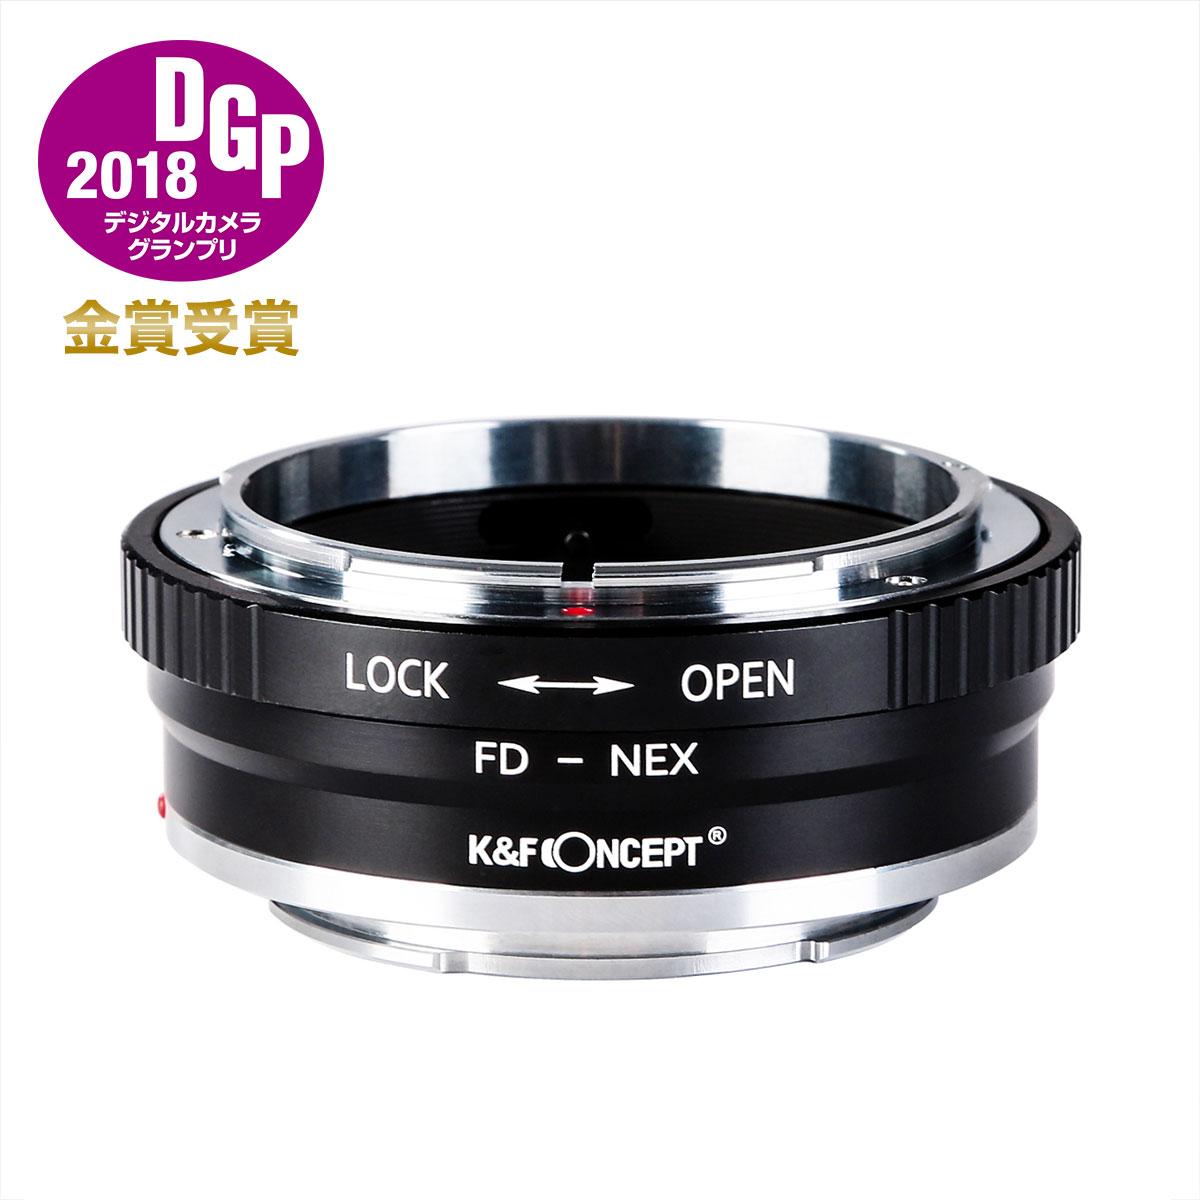 KF 贈物 CONCEPT Concept レンズマウントアダプター KF-FDE2 絞りリング付き → ソニーEマウント変換 高級 キャノンFDマウントレンズ